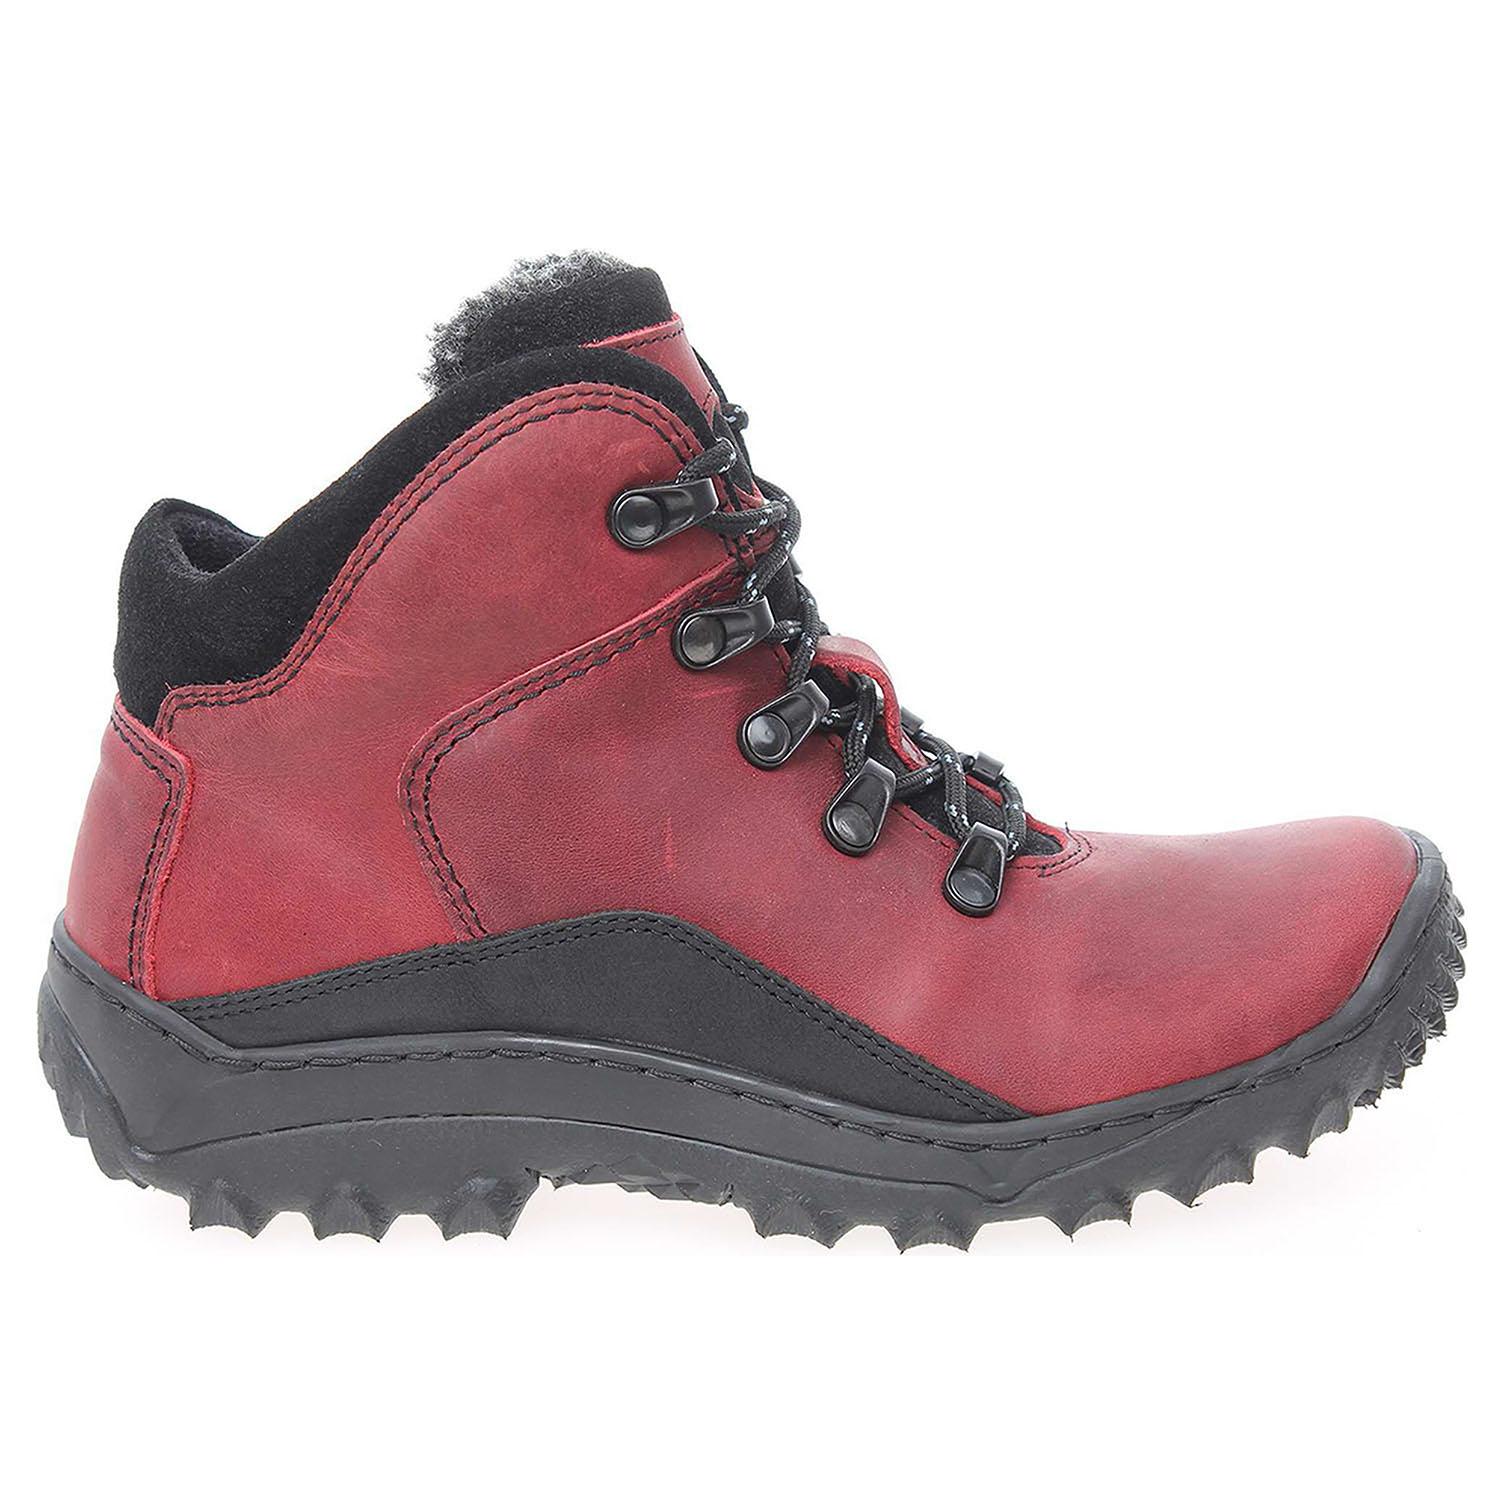 548be8aae2915 Dámská kotníková obuv EF151 červená-černá EF151 crc 37